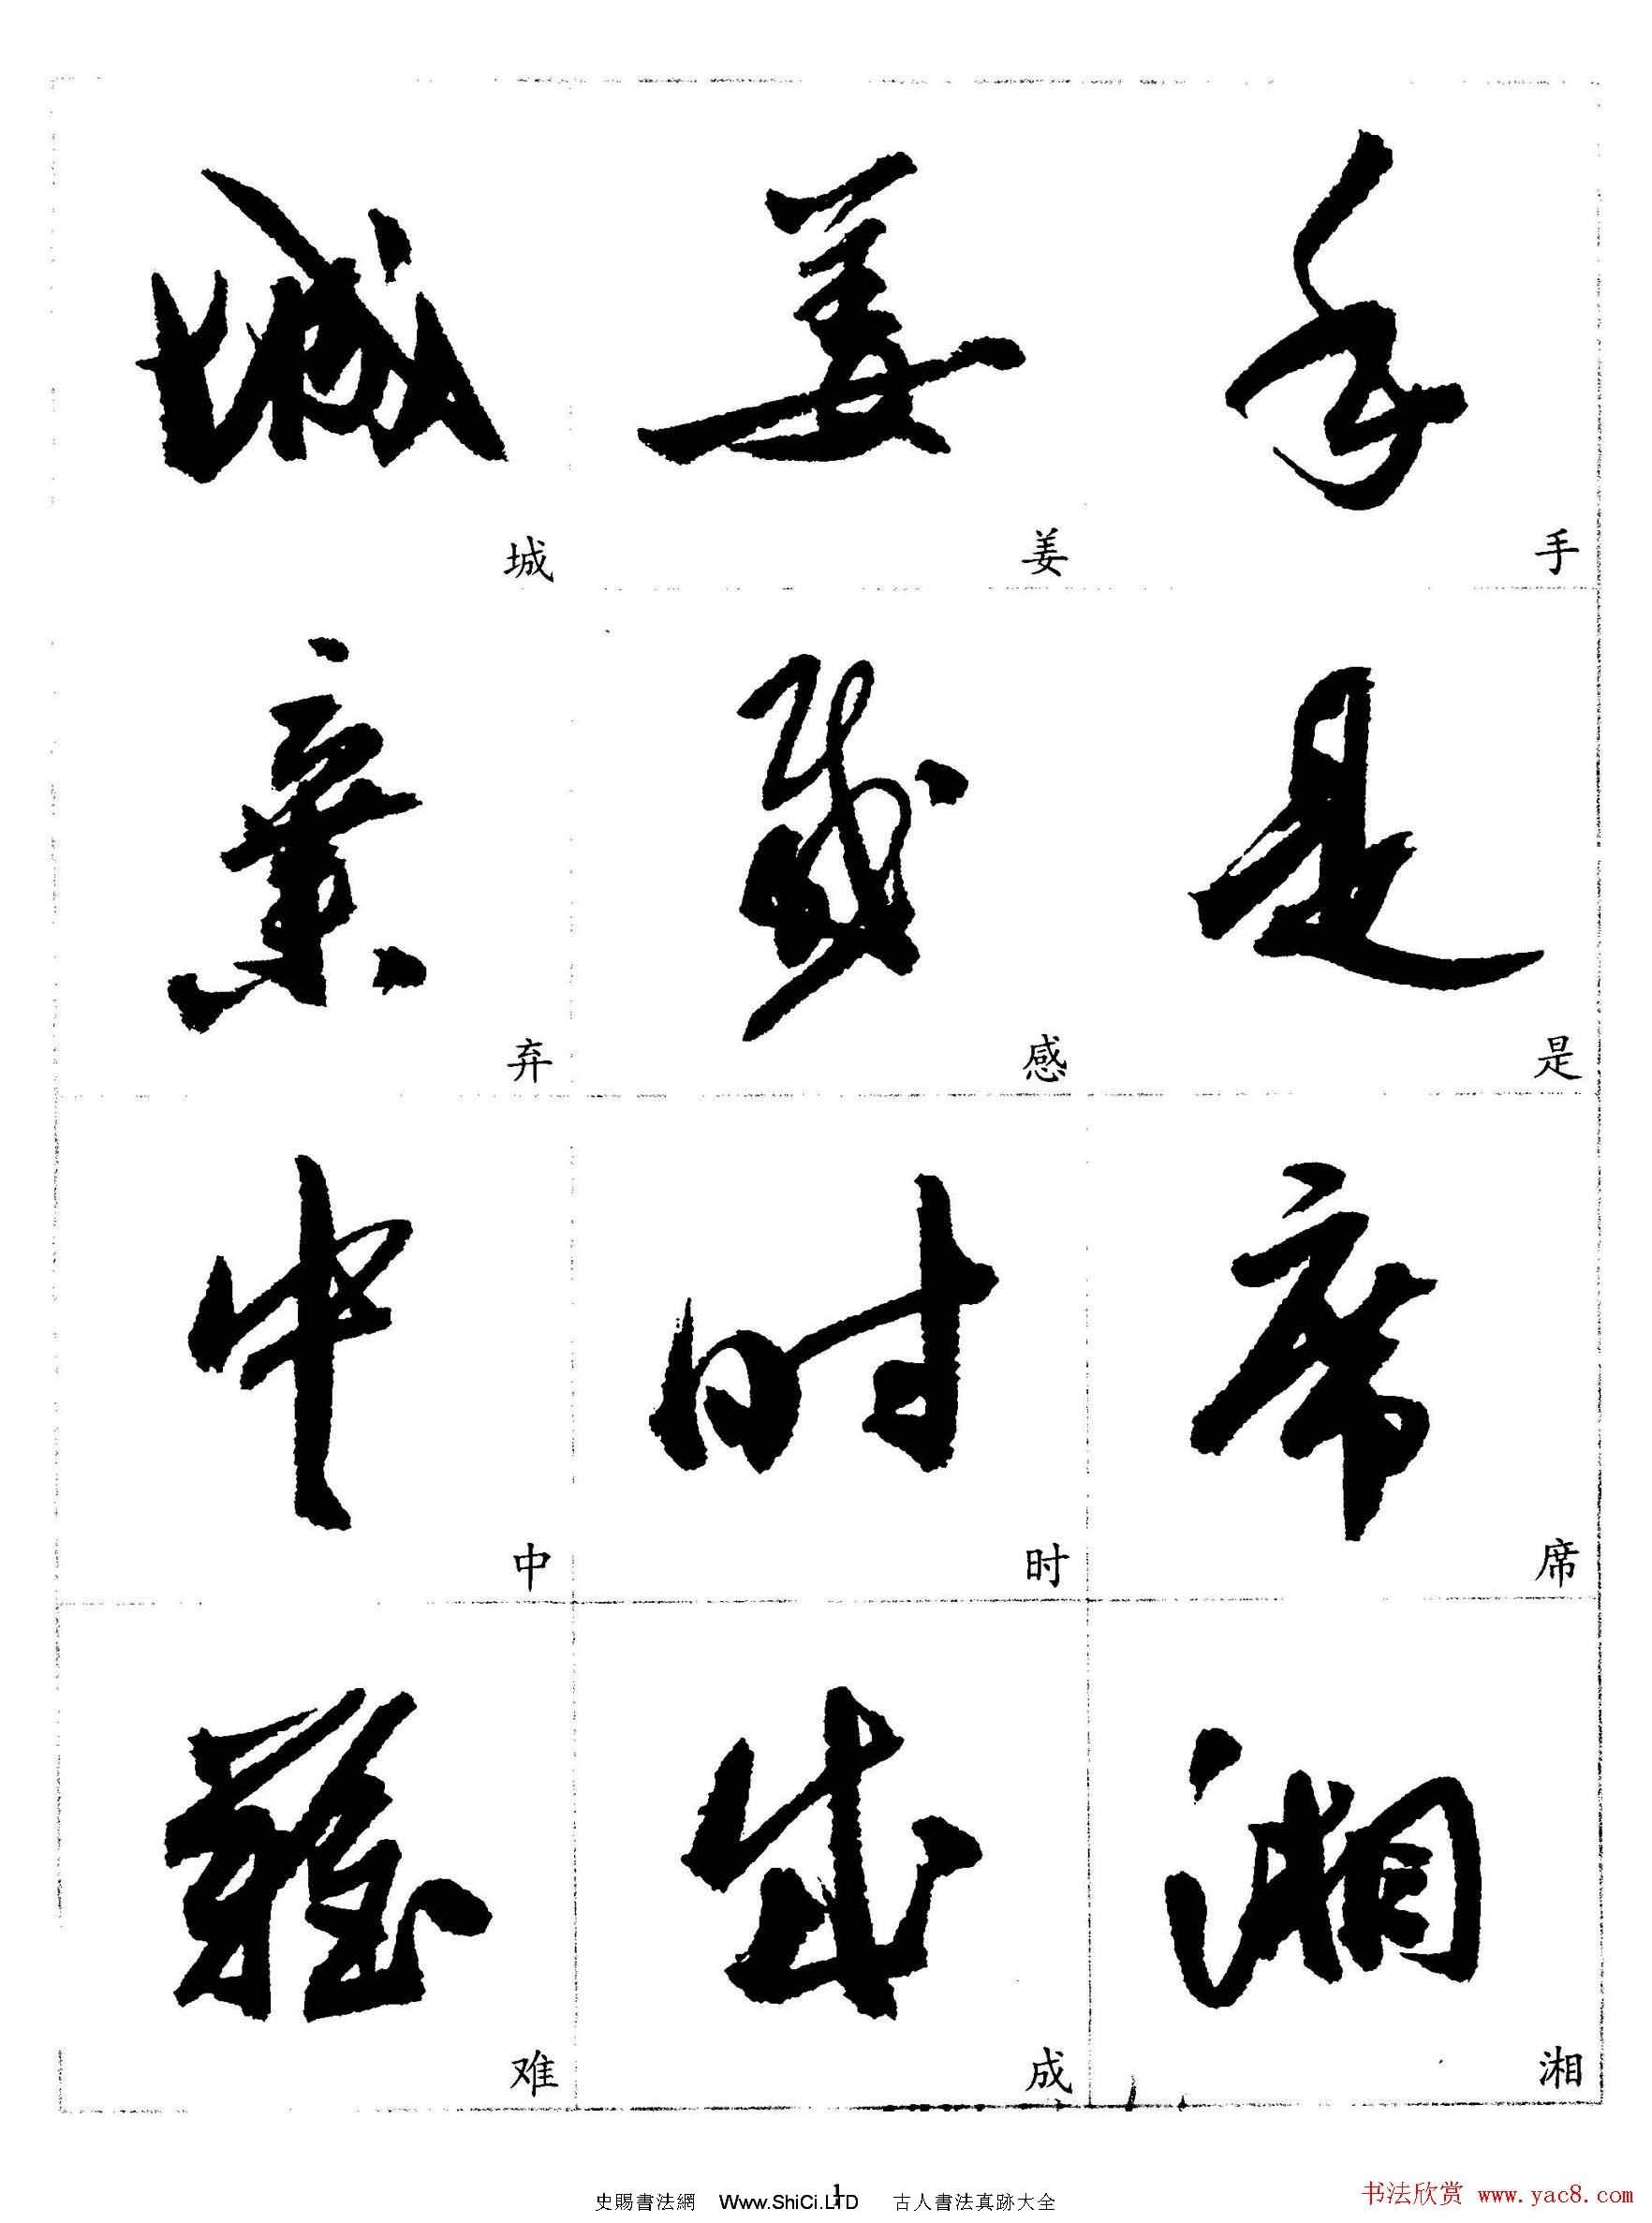 20世紀傑出書法家《郭沫若行草書法字帖》(共5張圖片)